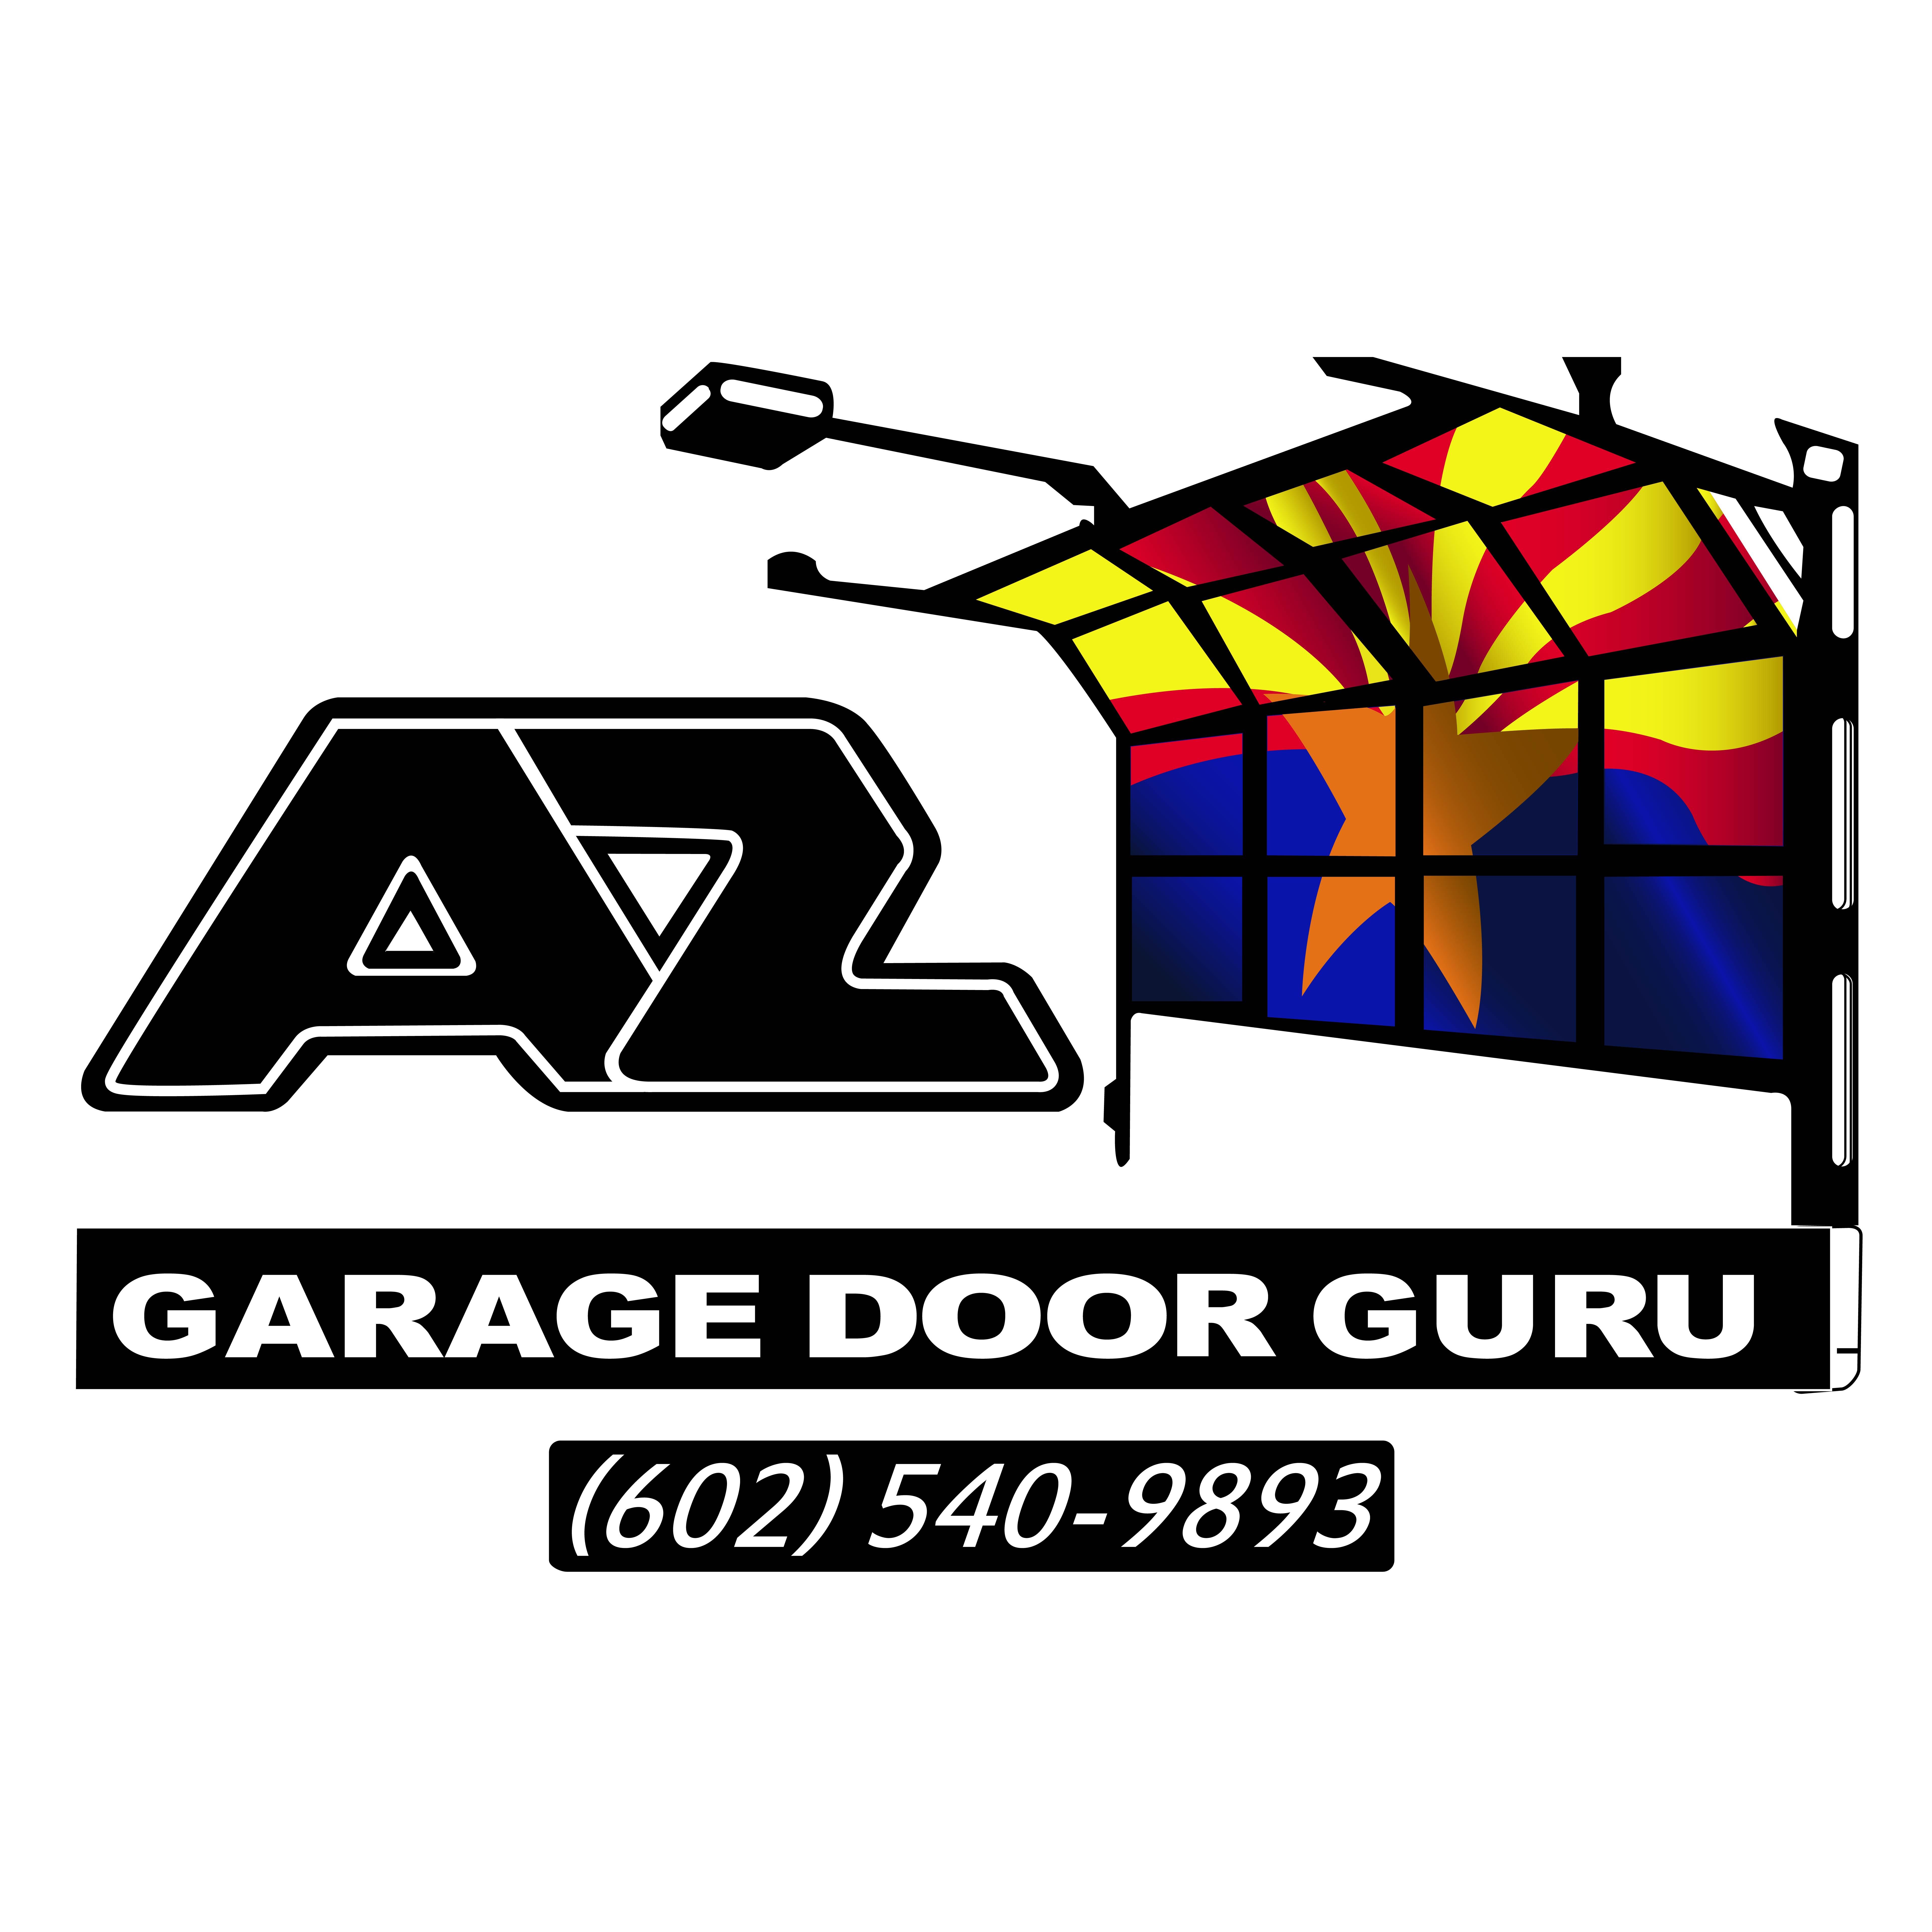 Garage Door Repair for Different Materials